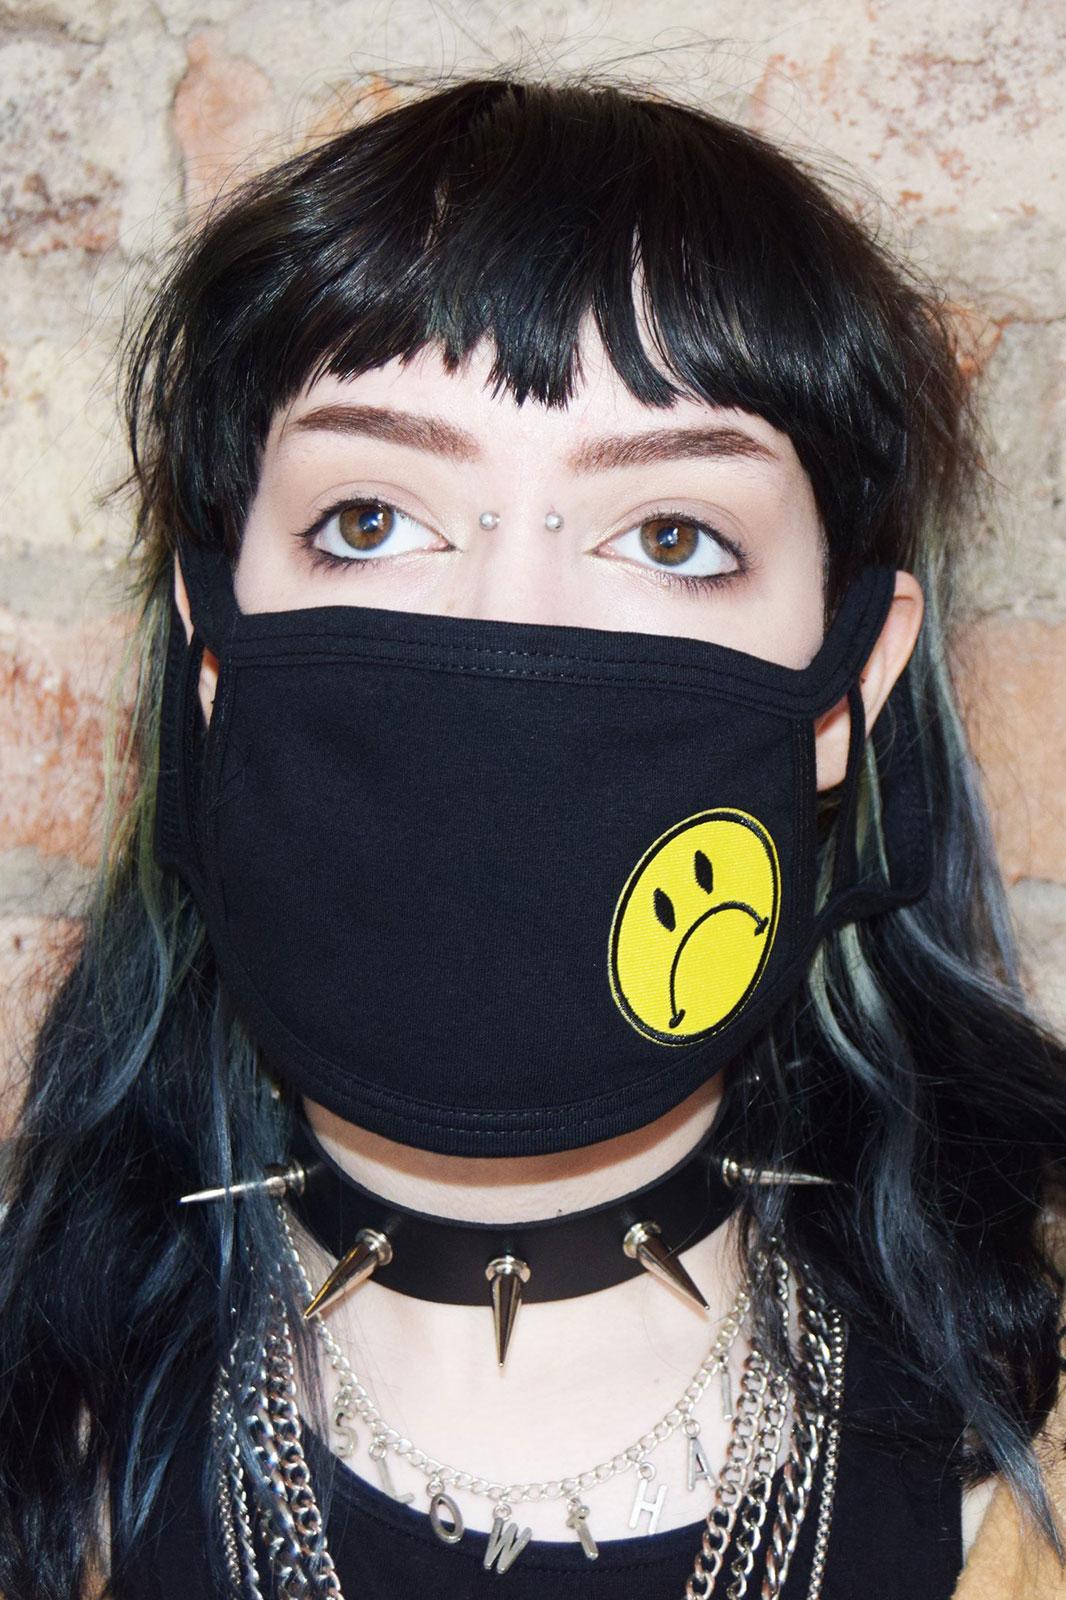 Sad Face Mask